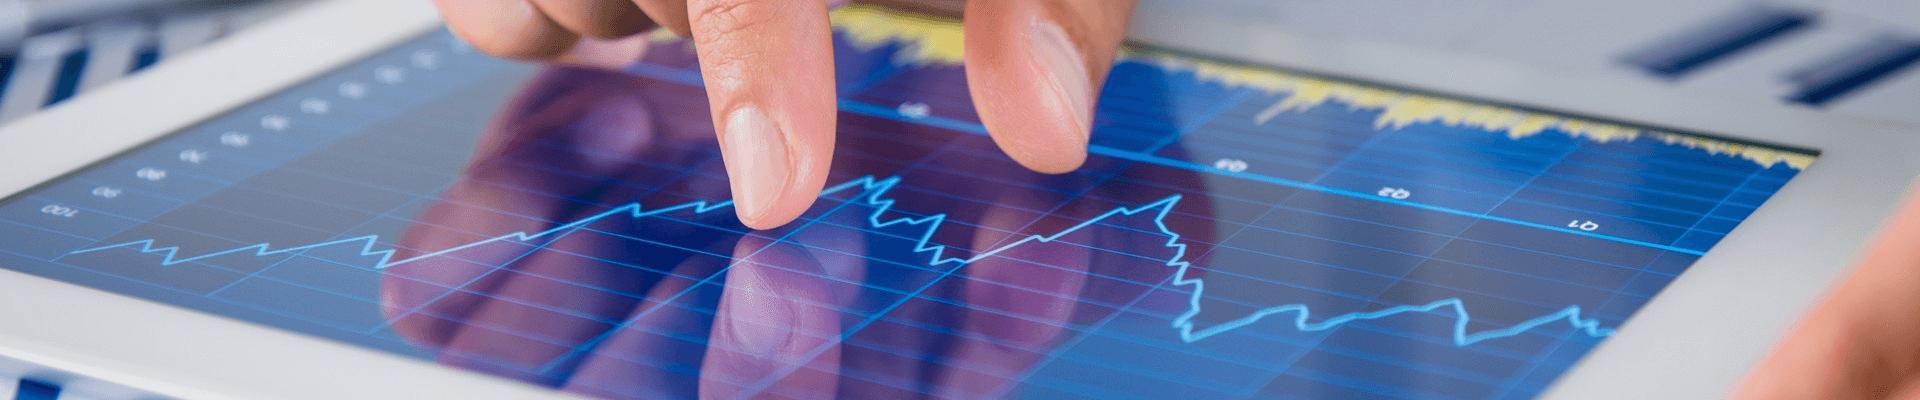 Покупка облигаций ОФЗ-н признана прибыльным вложением для сектора честных инвесторов